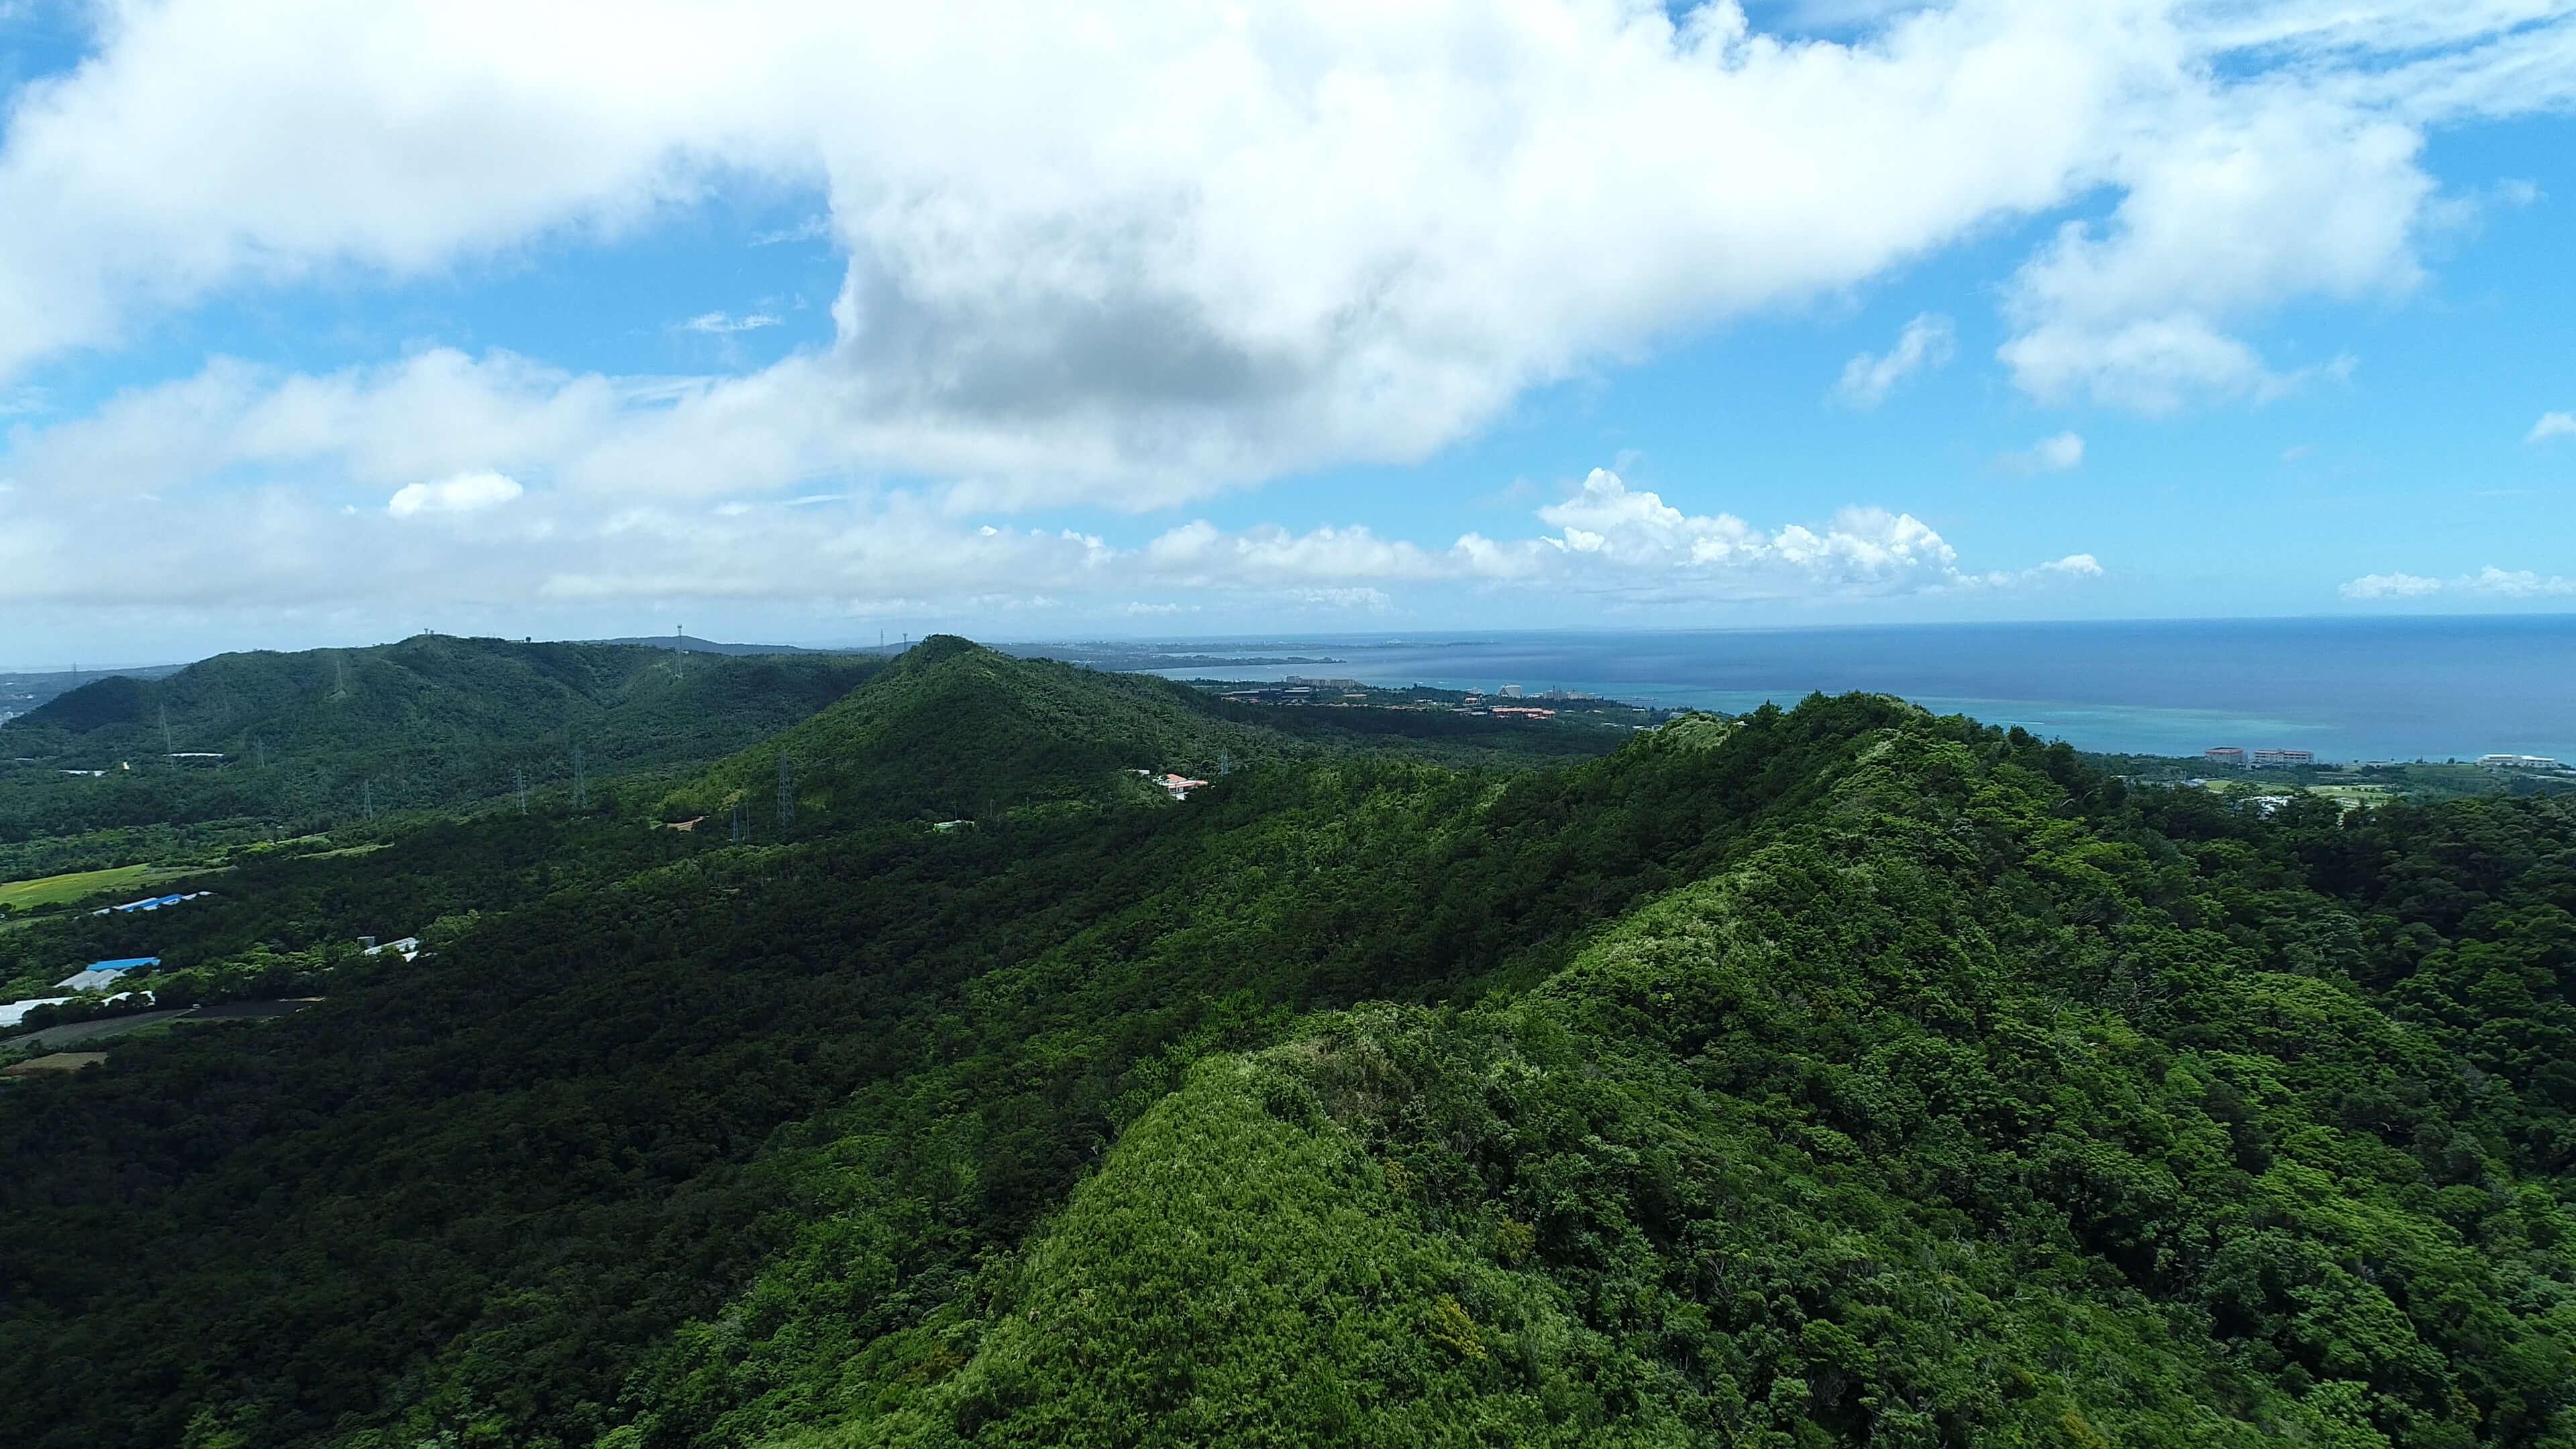 Northern Okinawa Island image